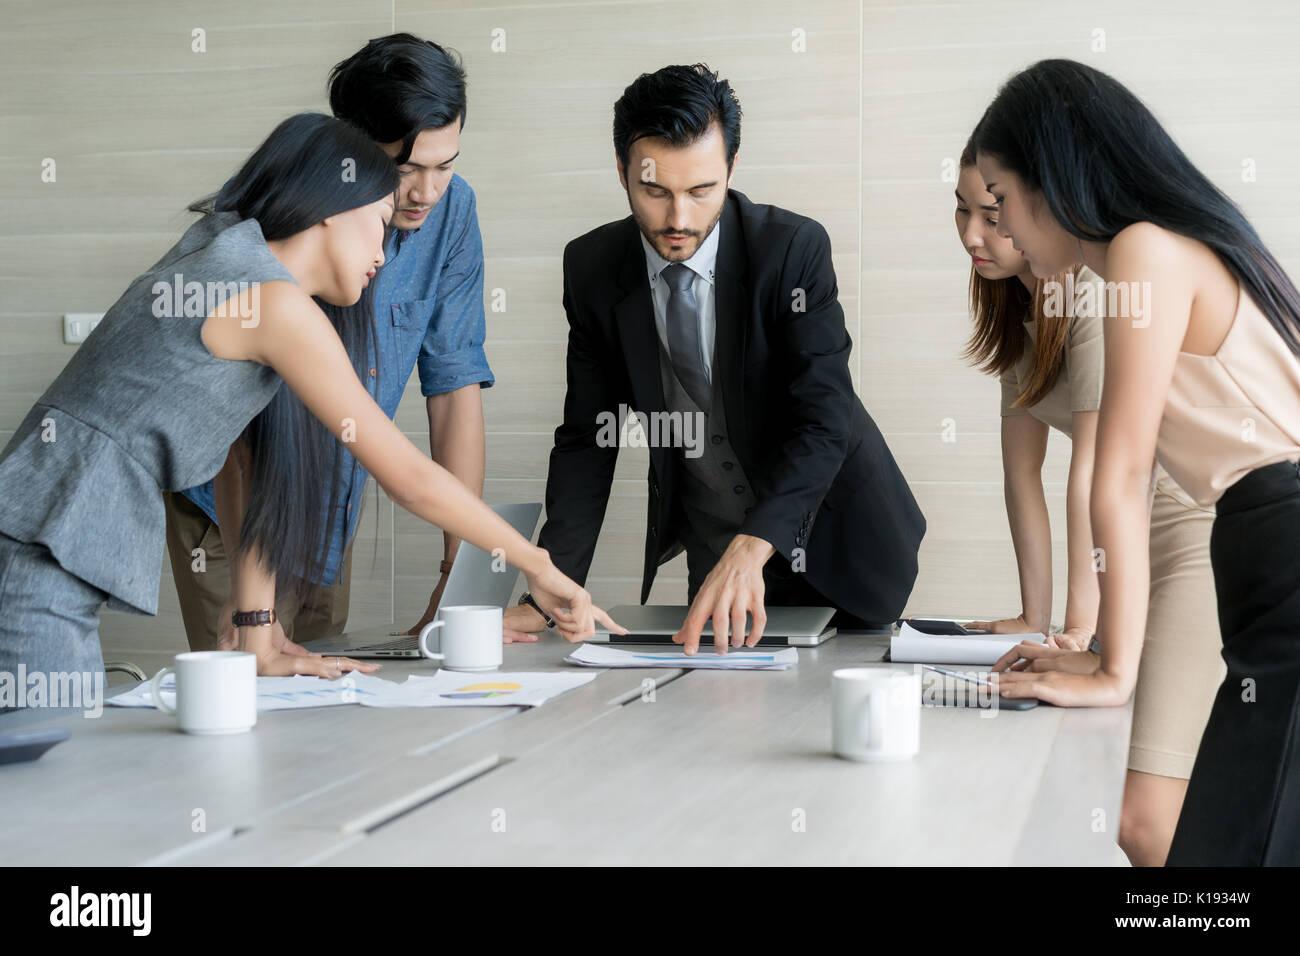 Gruppe von multi-ethnischen Geschäftspartner Ideen im Tagungsraum im Büro zu diskutieren. Menschen treffen Unternehmenskommunikation Teamarbeit Geschäftskonzept. Stockbild